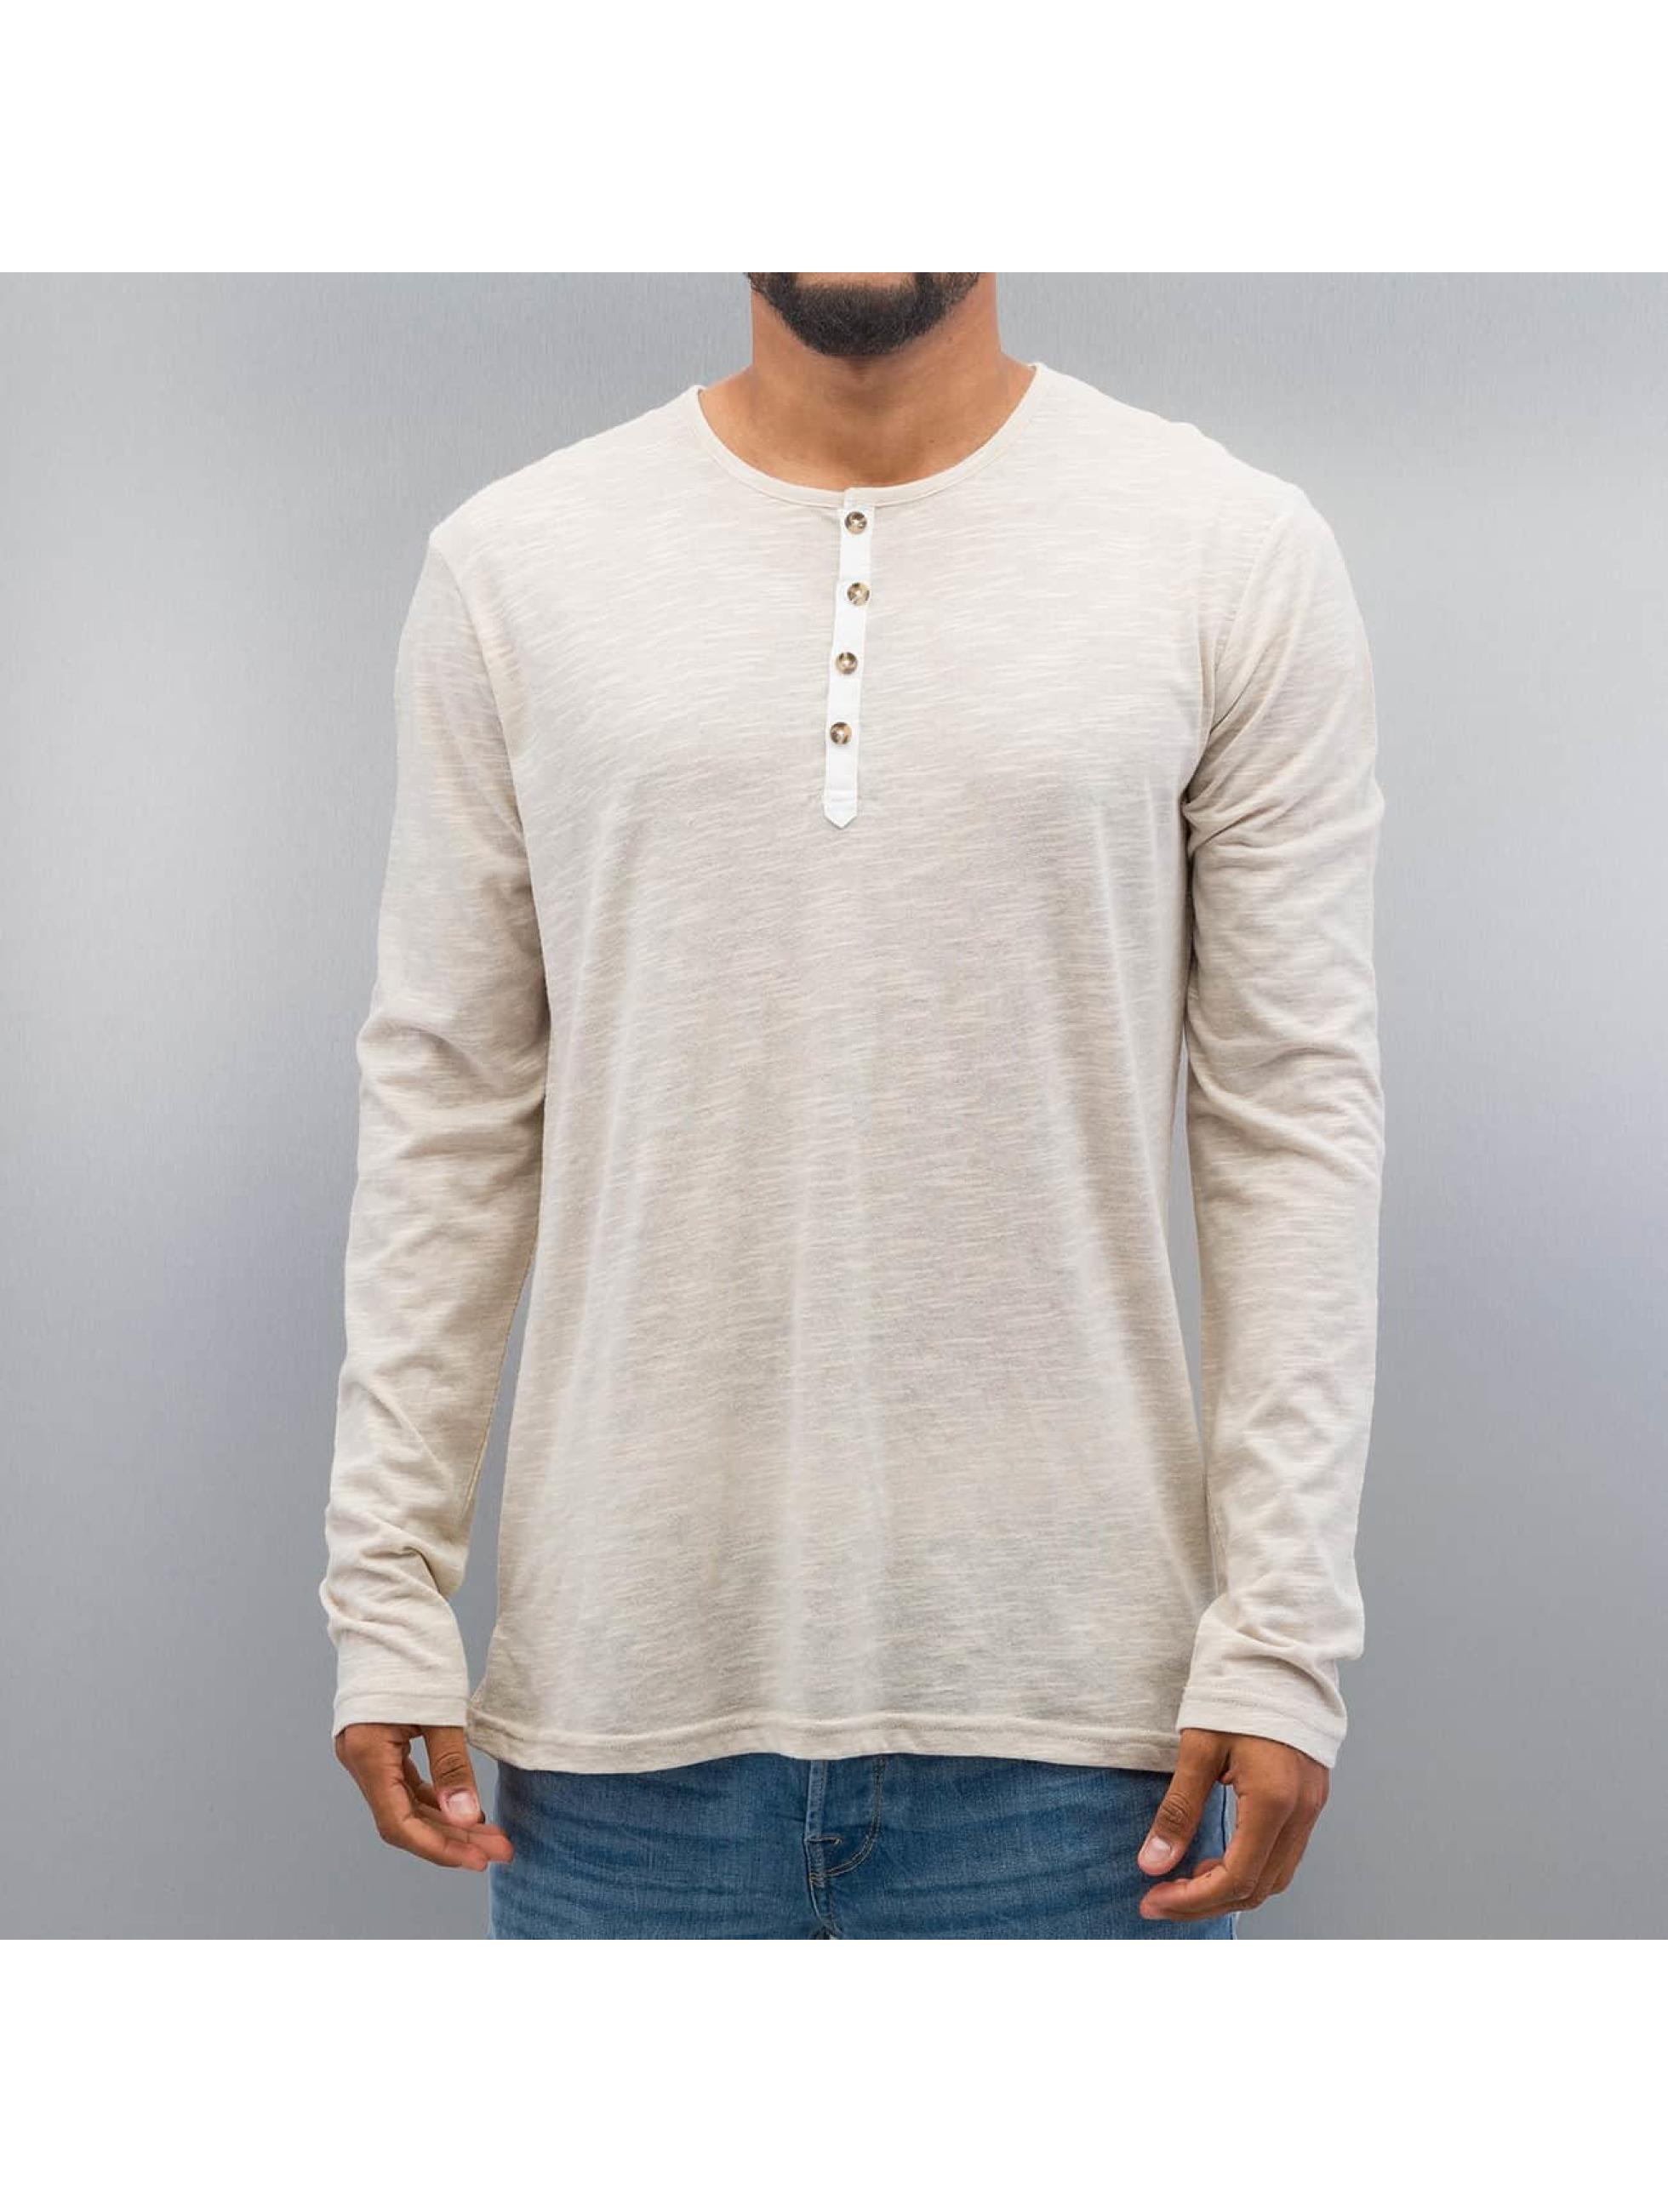 Solid Pitkähihaiset paidat Caleb harmaa